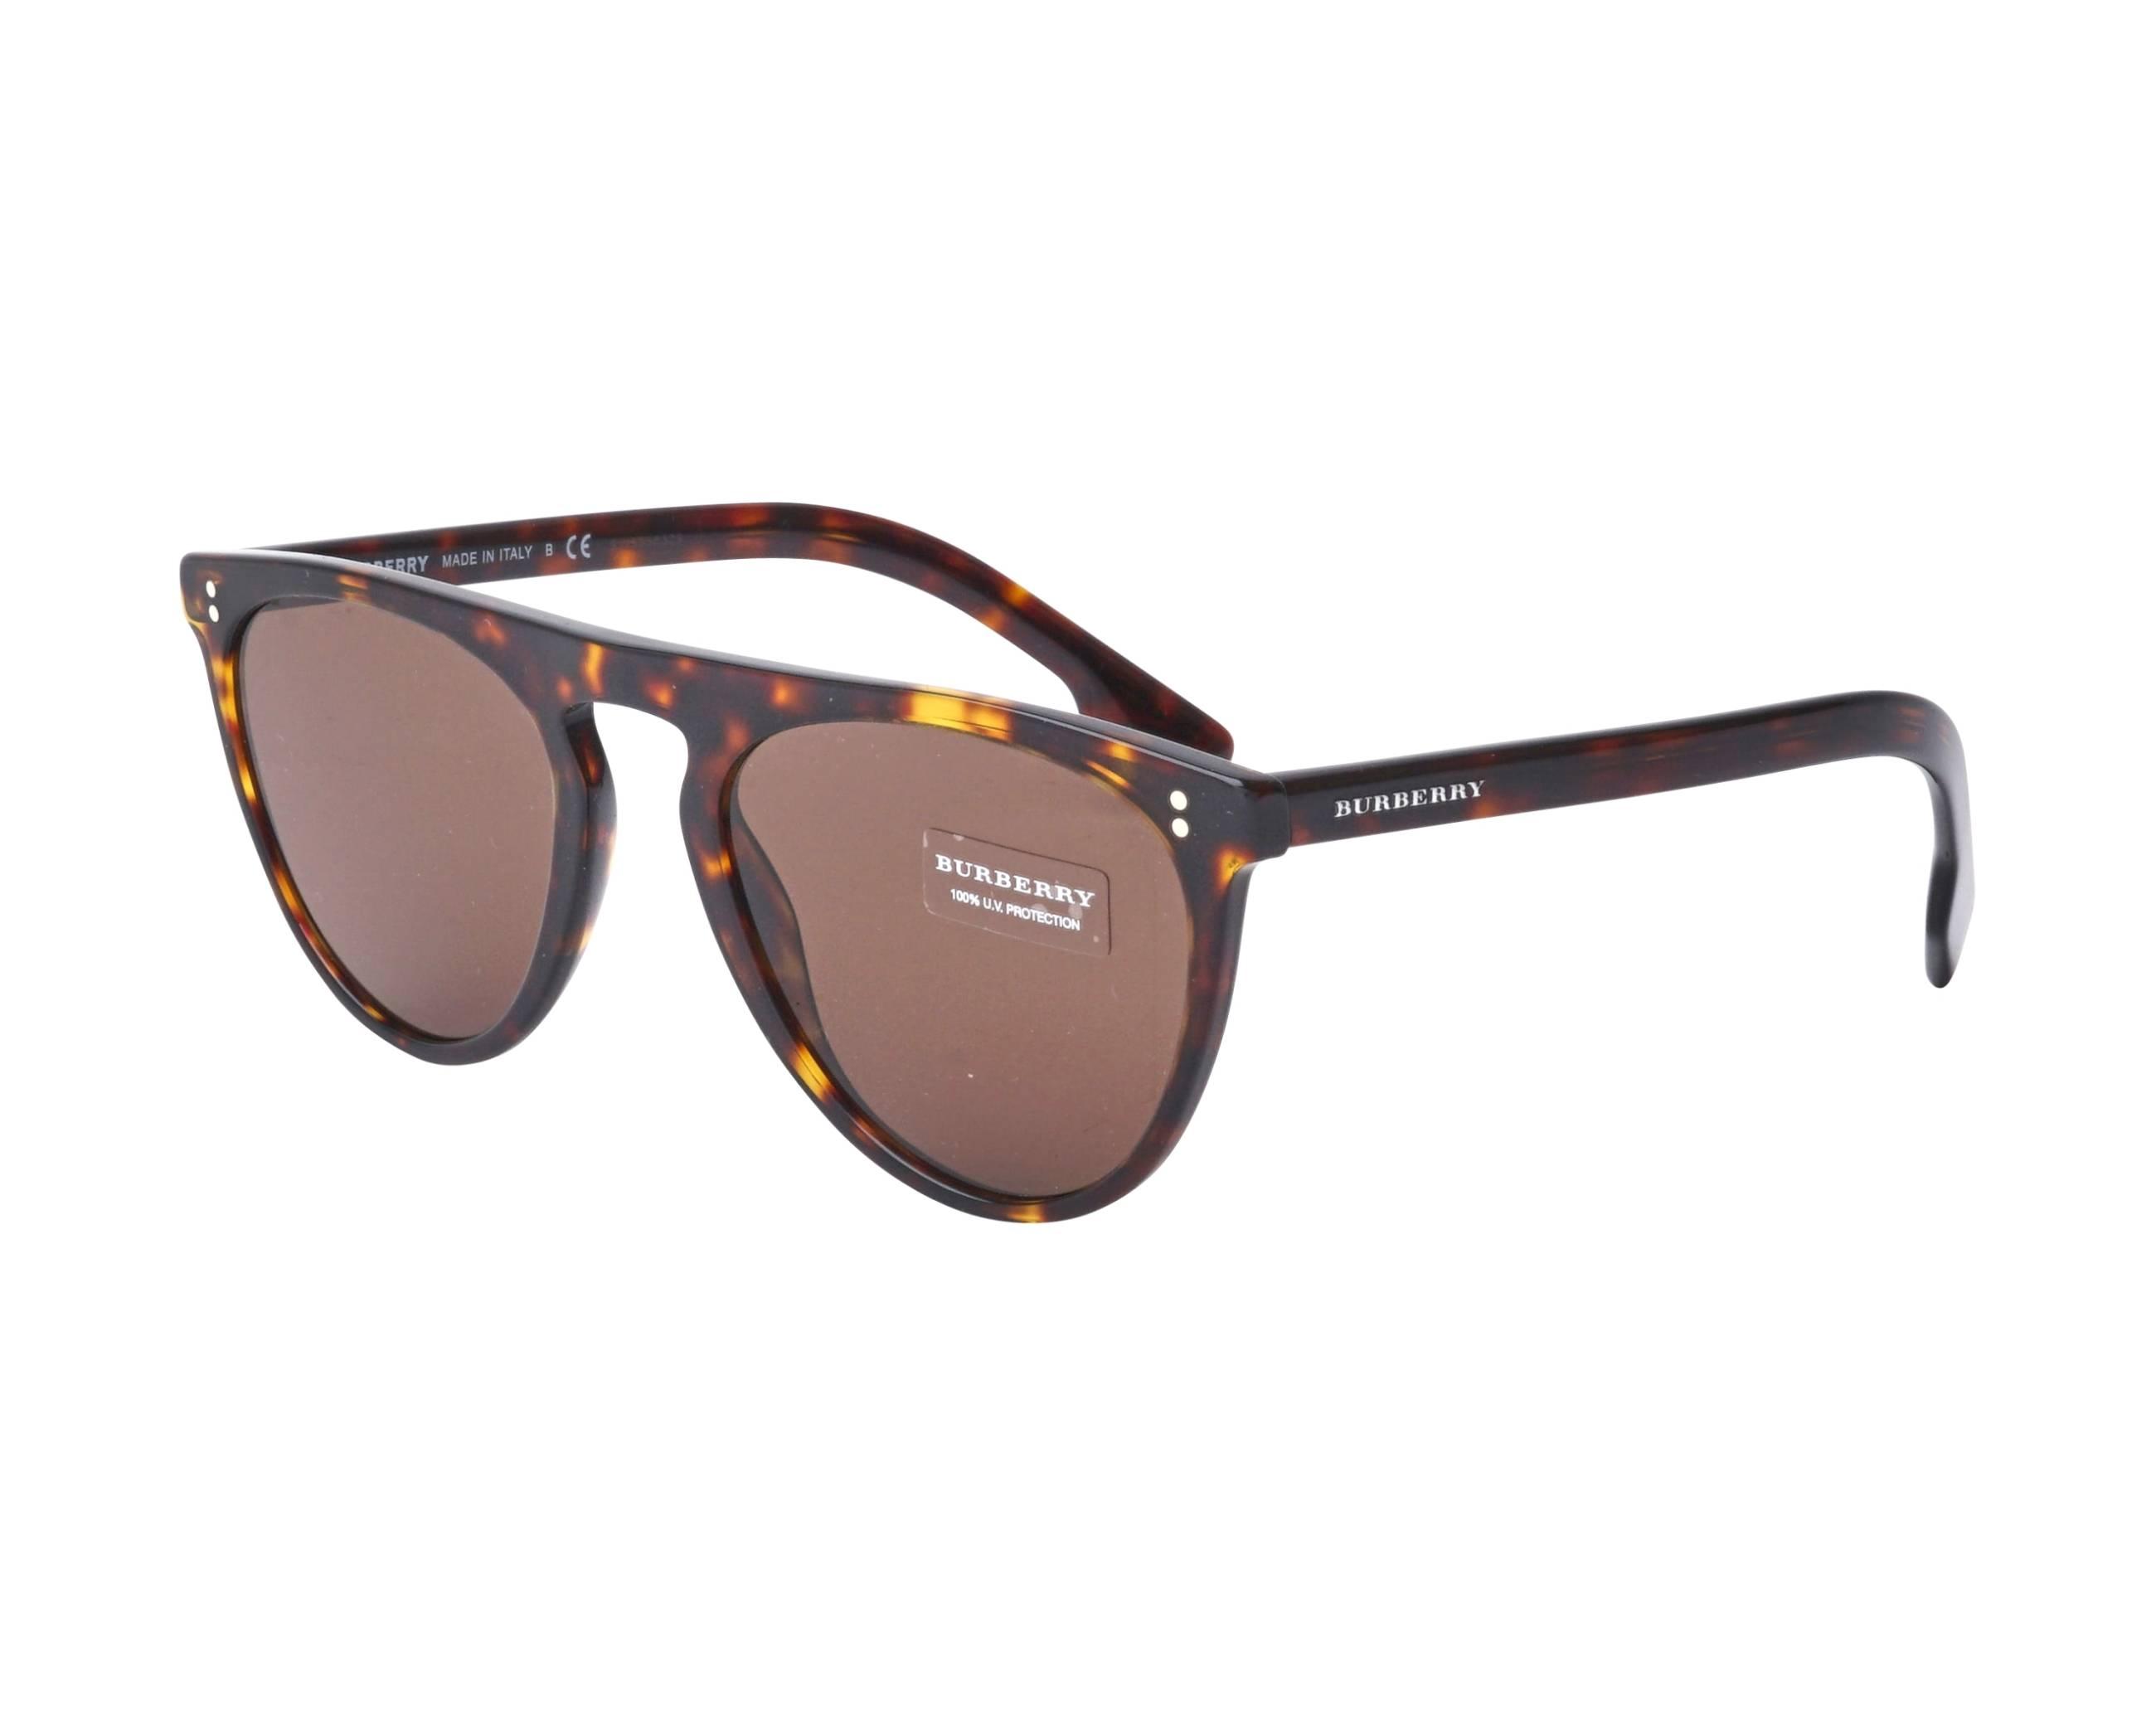 cba526ca3a Gafas de sol Burberry BE-4281 300273 54-21 Havana vista de perfil